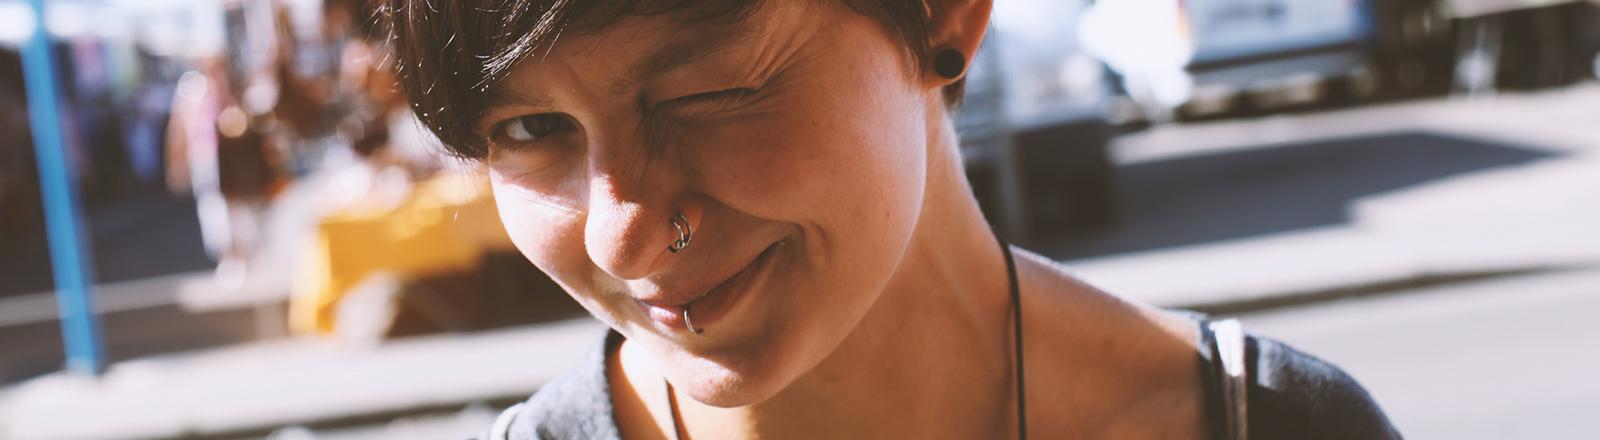 Eine junge Frau mit schwarzen, kurzen Haaren blickt in die Kamera und kneift ihr linkes Auge zu.